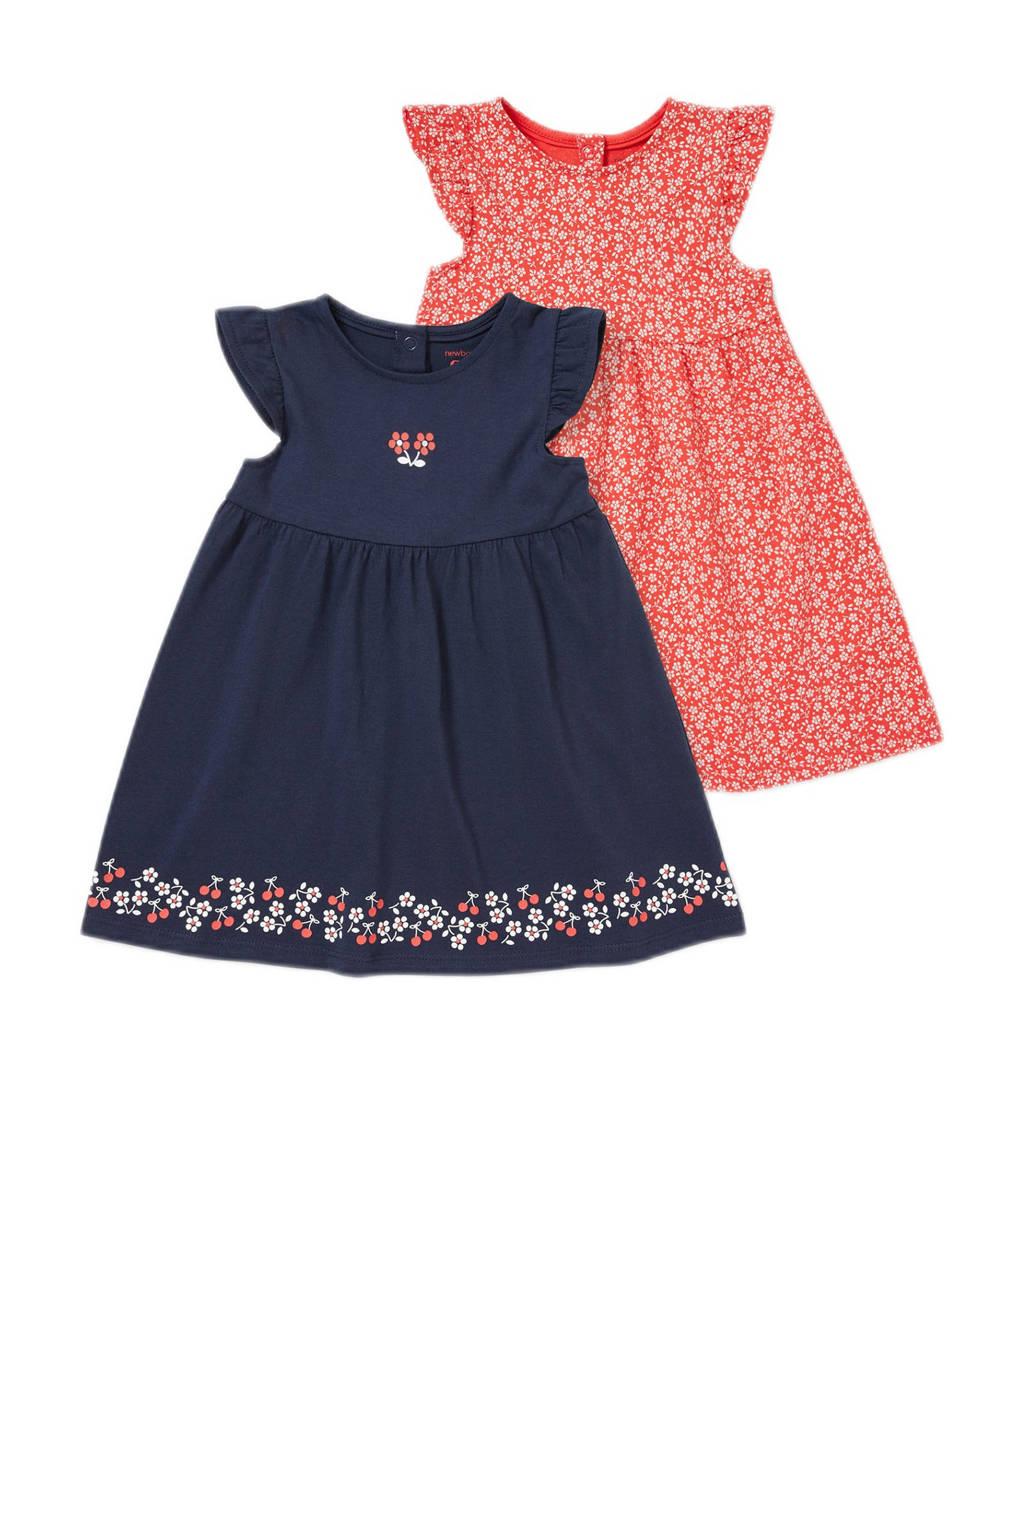 C&A Baby Club jurk - set van 2 rood/blauw, Rood/blsuw